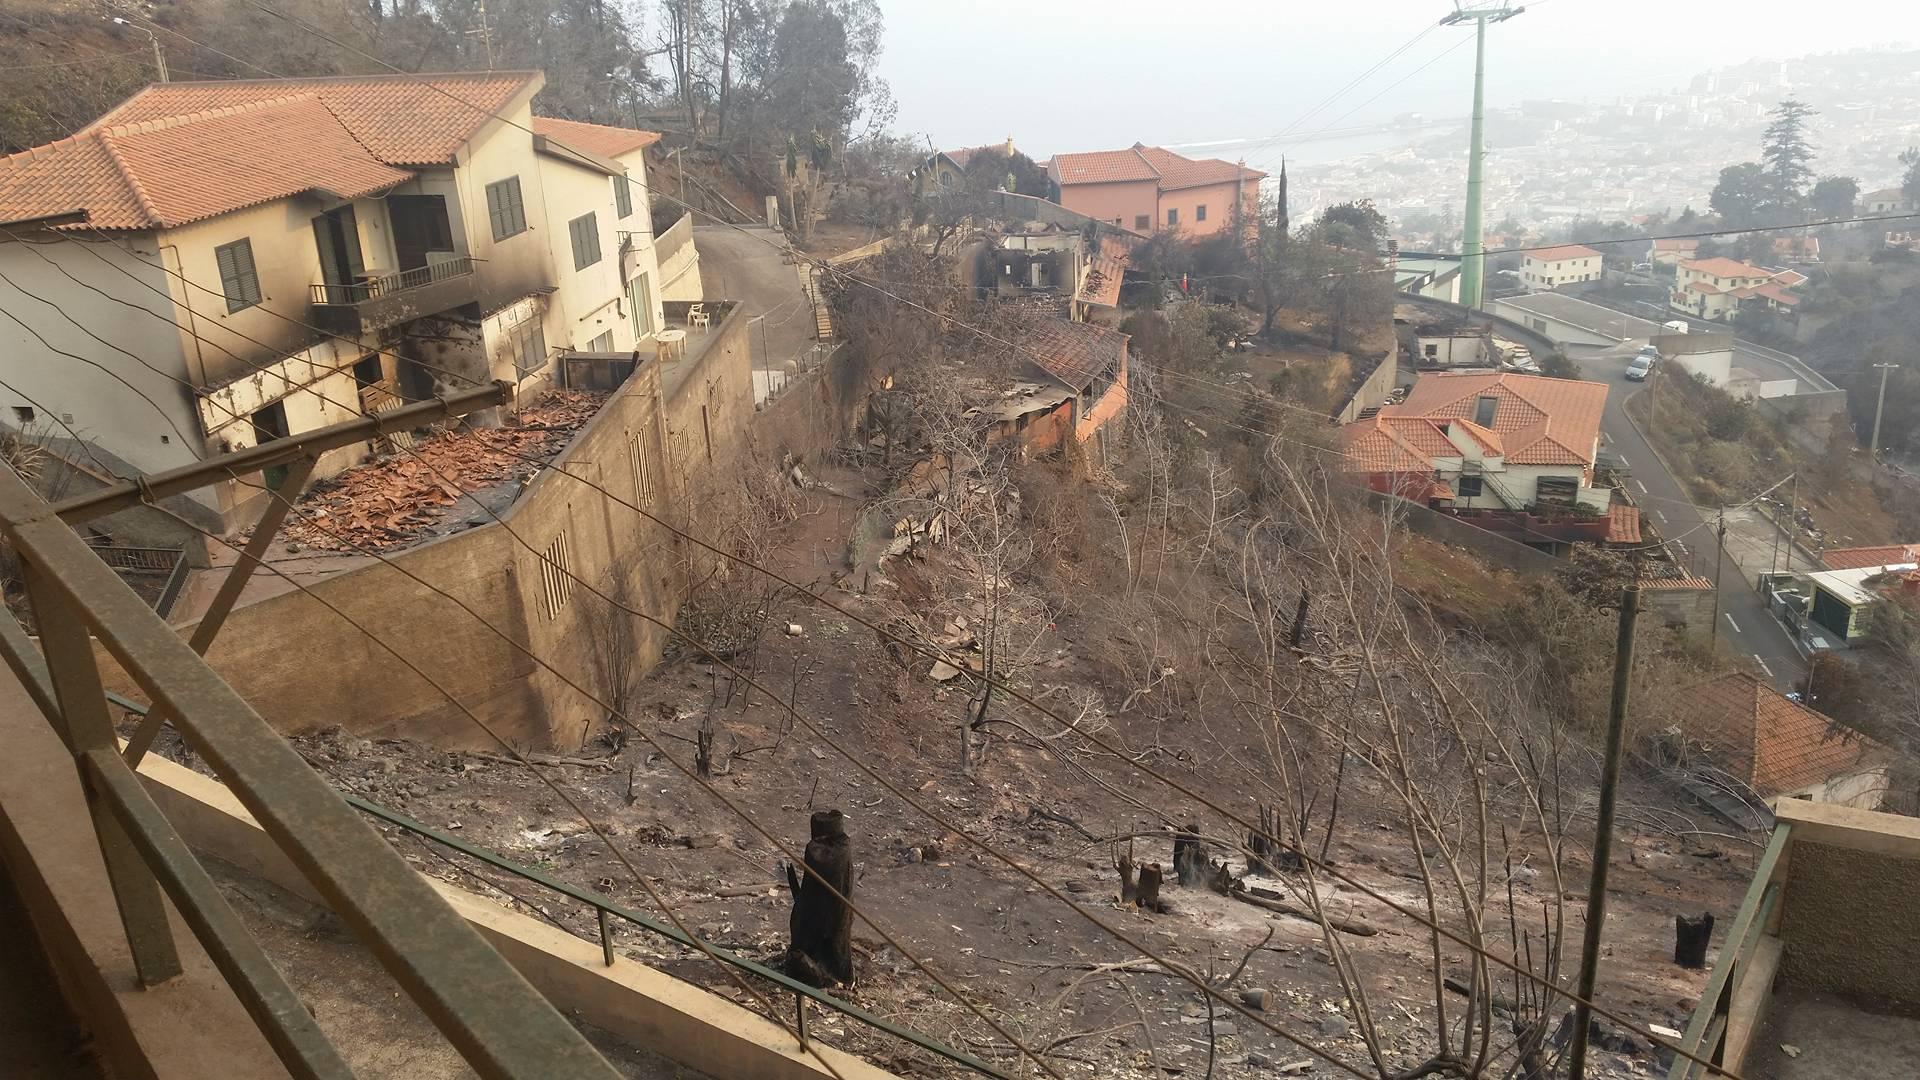 Foto feita por adventista da Ilha da Madeira mostra devastação e algumas casas preservadas.